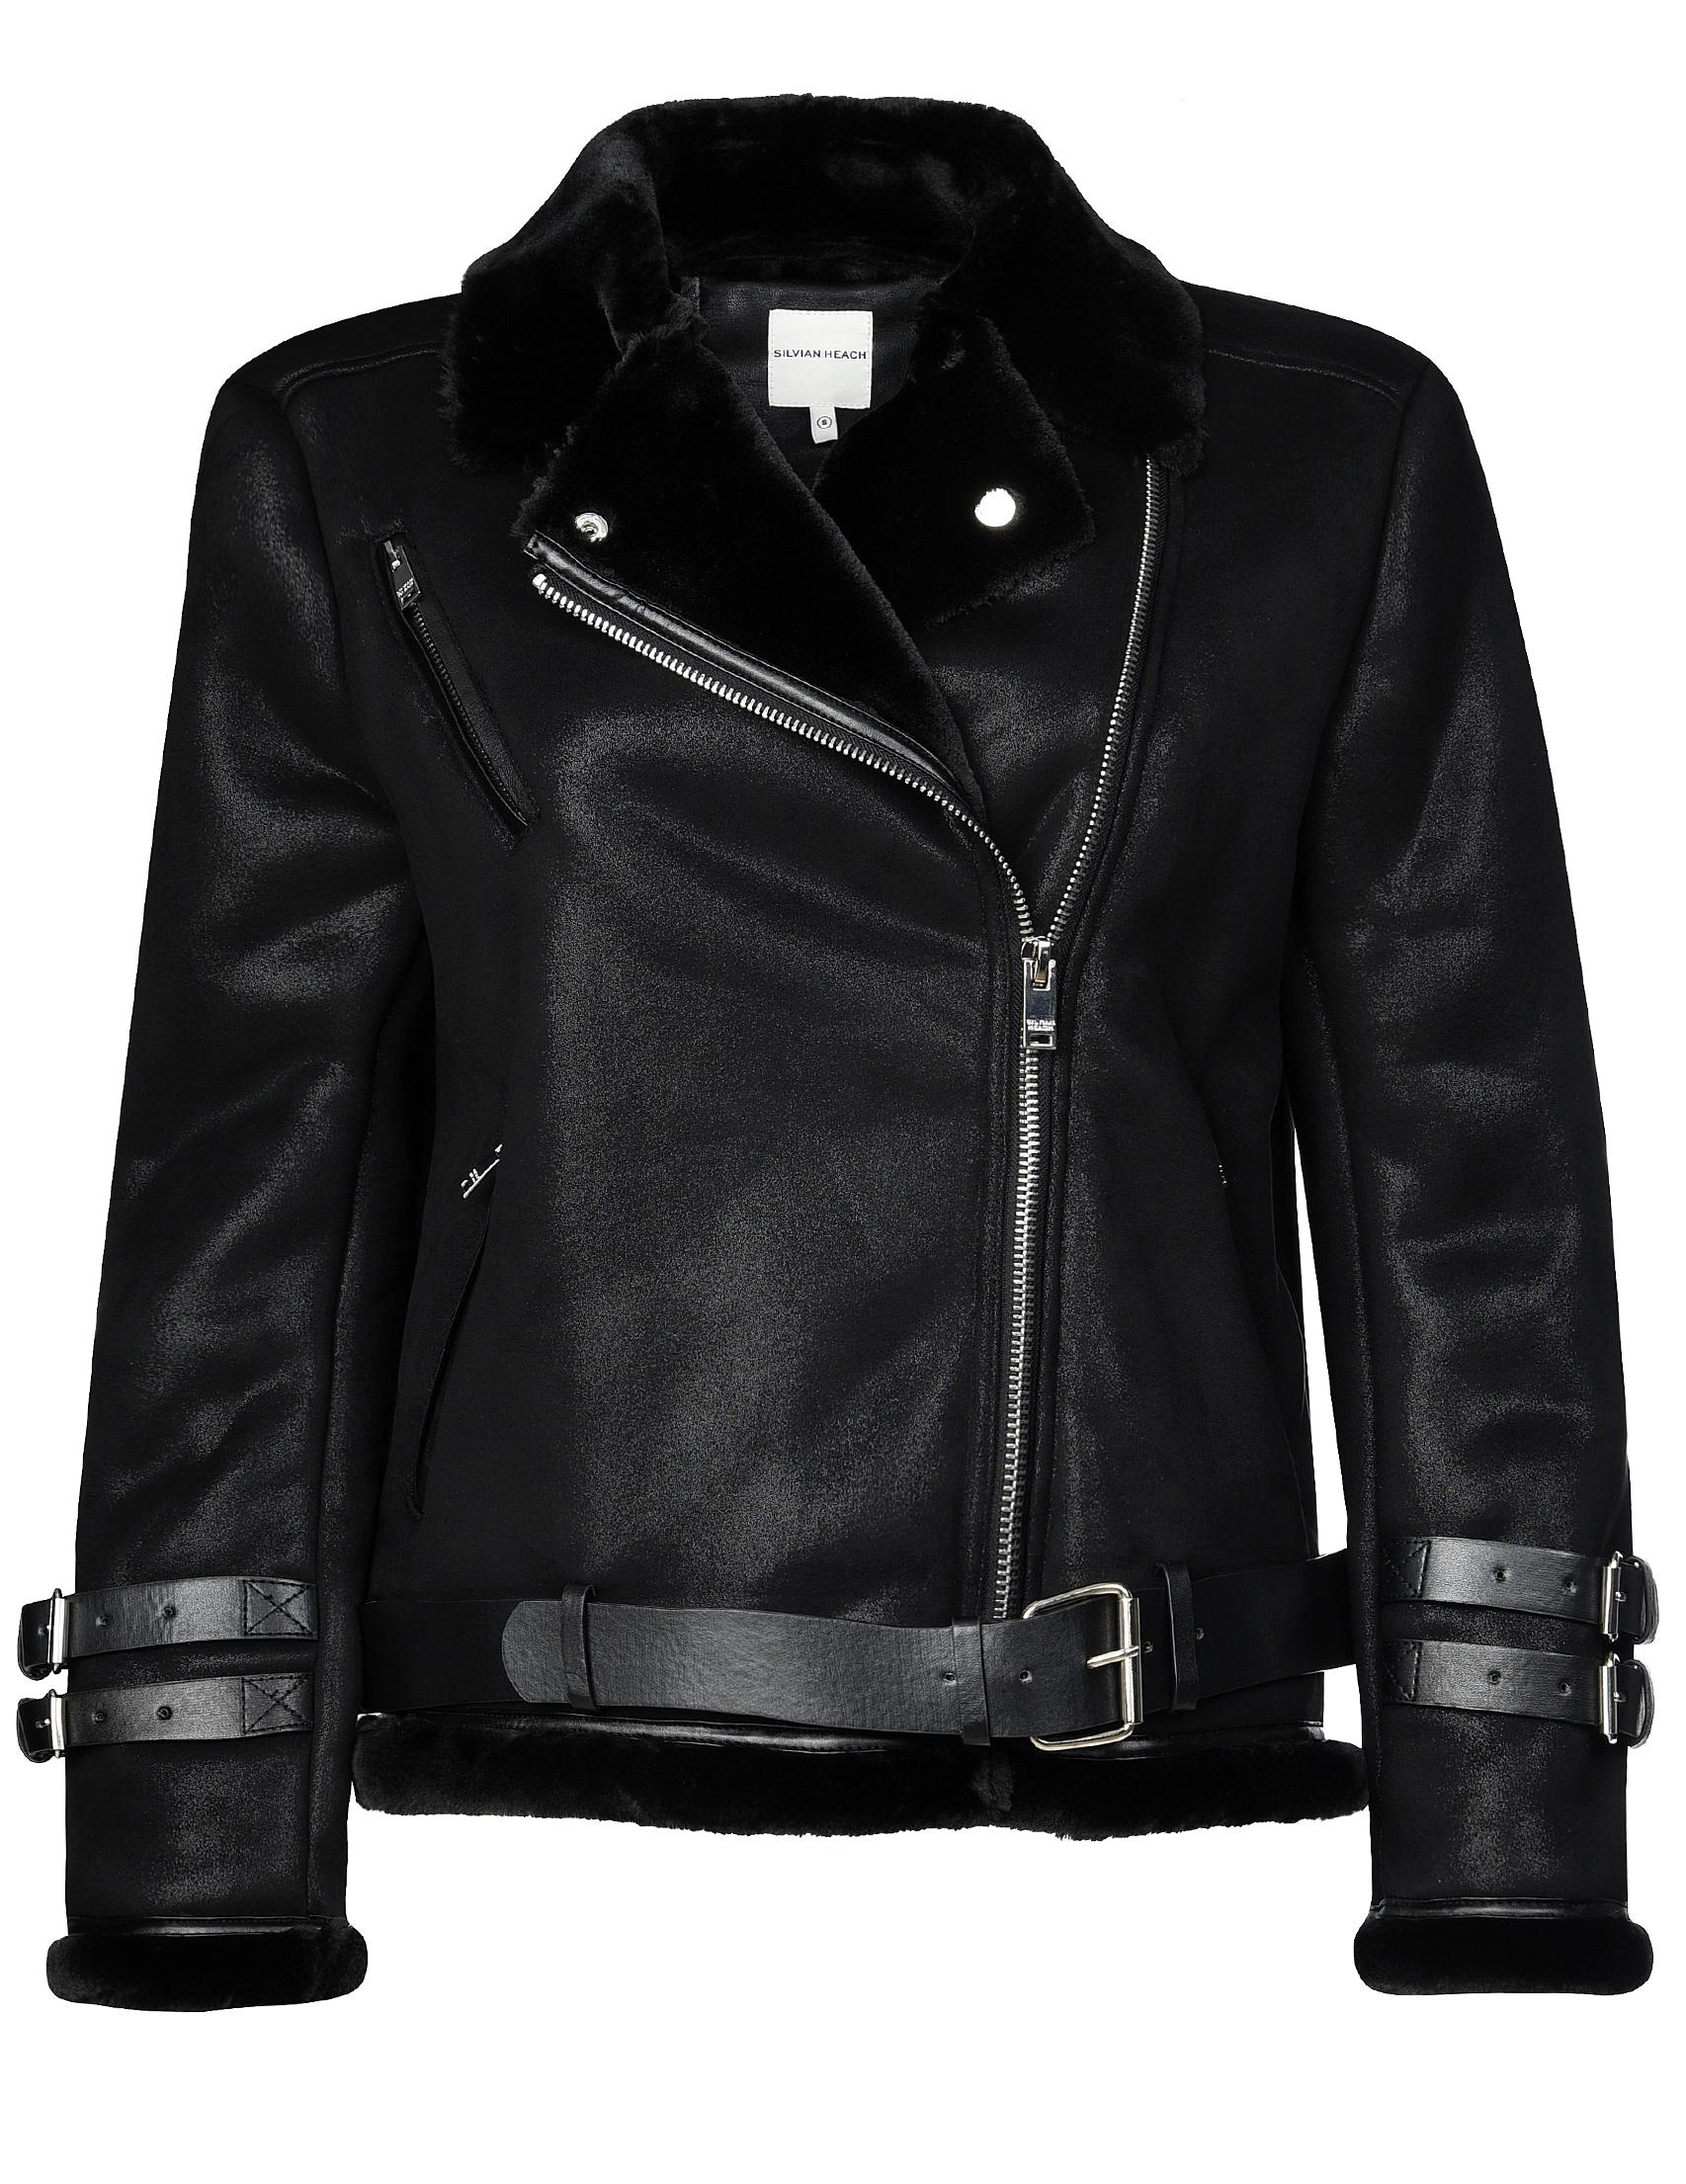 Купить Куртка, SILVIAN HEACH, Черный, 100%Полиэстер;100%Полиурентан, Осень-Зима